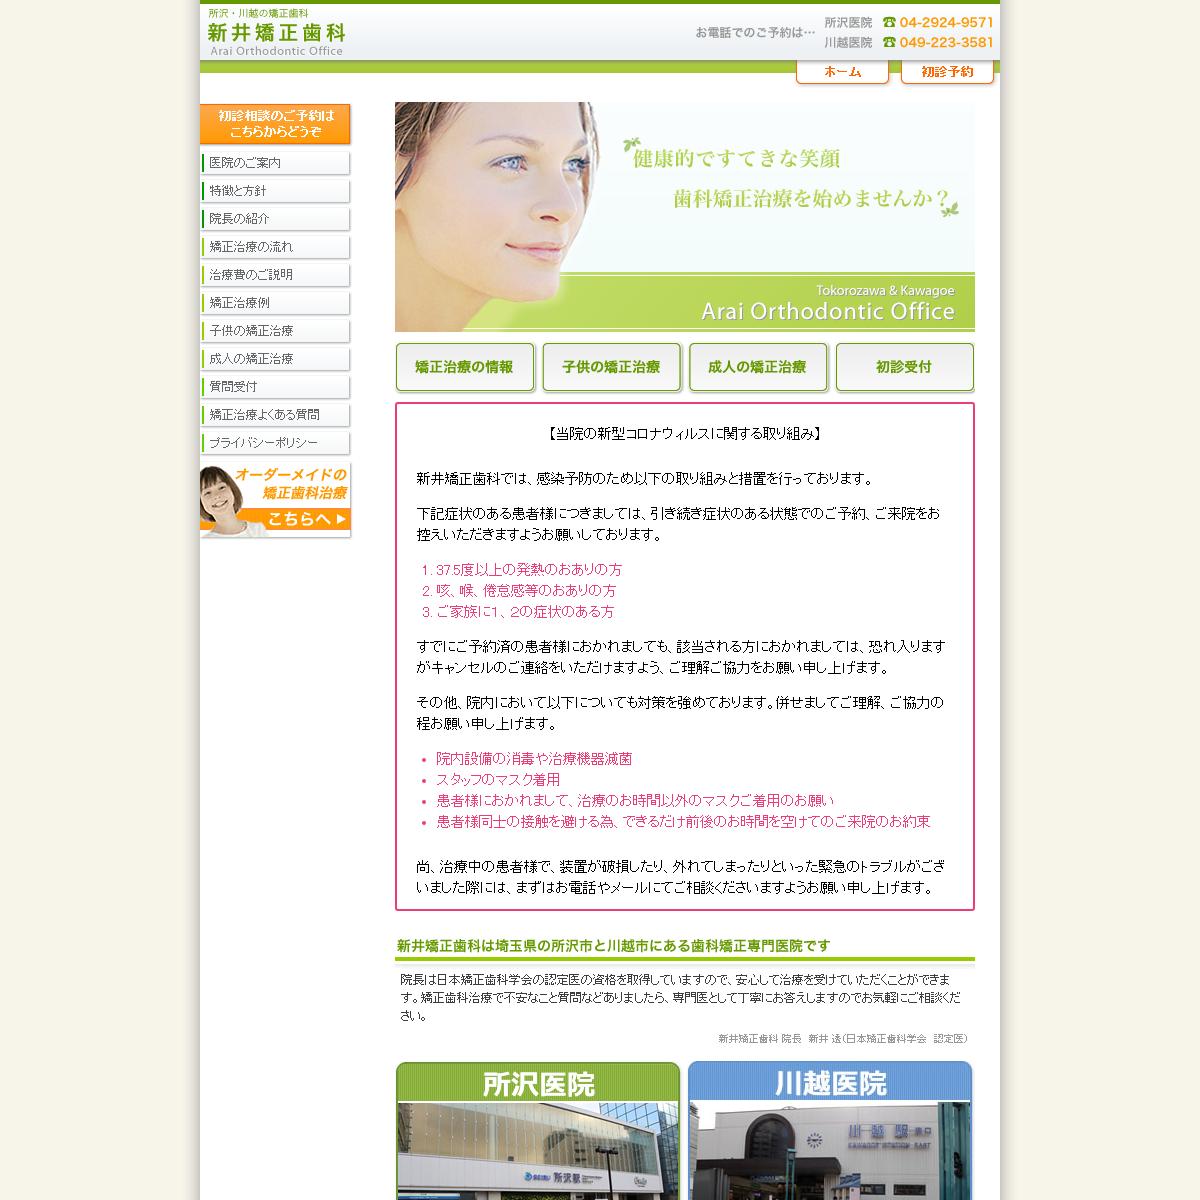 新井矯正歯科所沢医院_HPキャプチャ